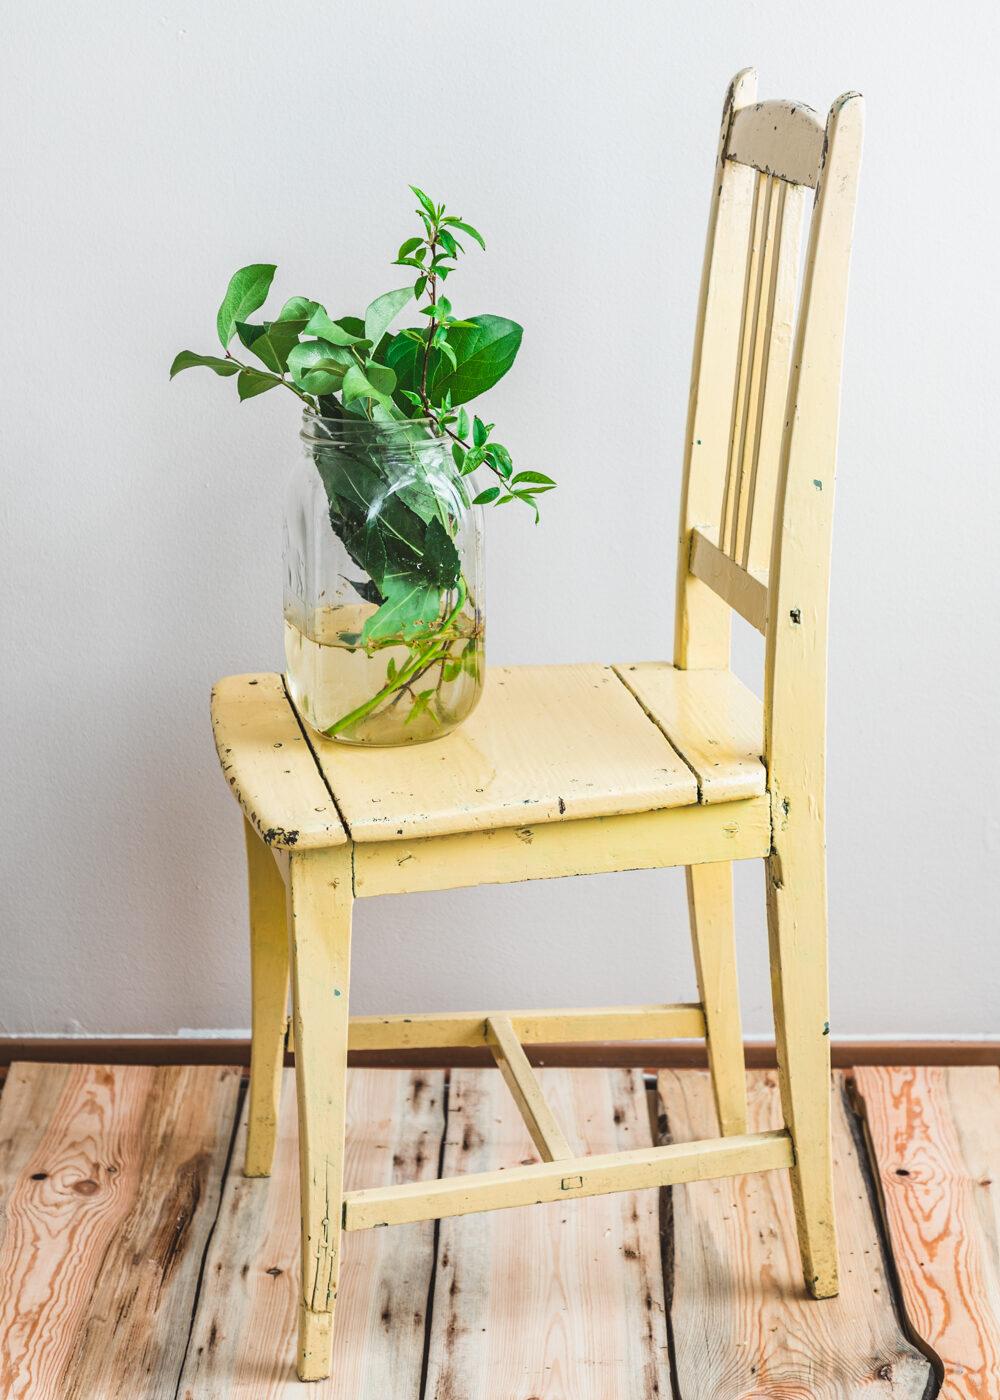 keltainen antiikkipuutuoli, antiikkinen ruokapöydän tuoli